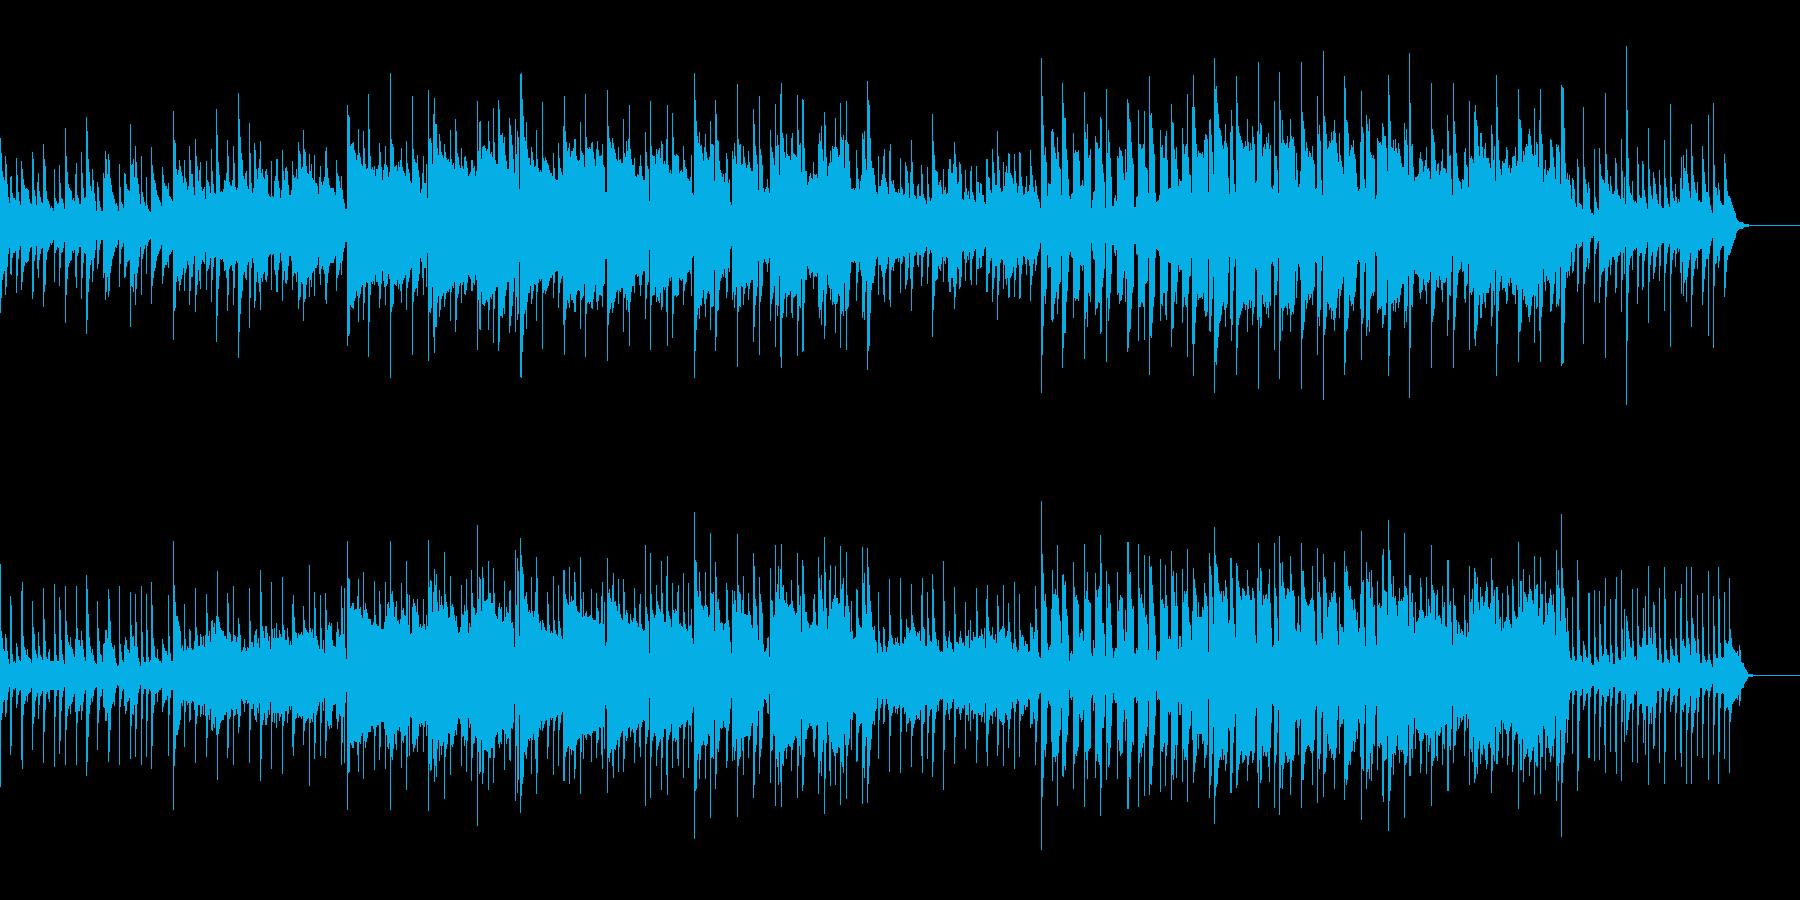 和風のリフが印象的な切ないBGMの再生済みの波形